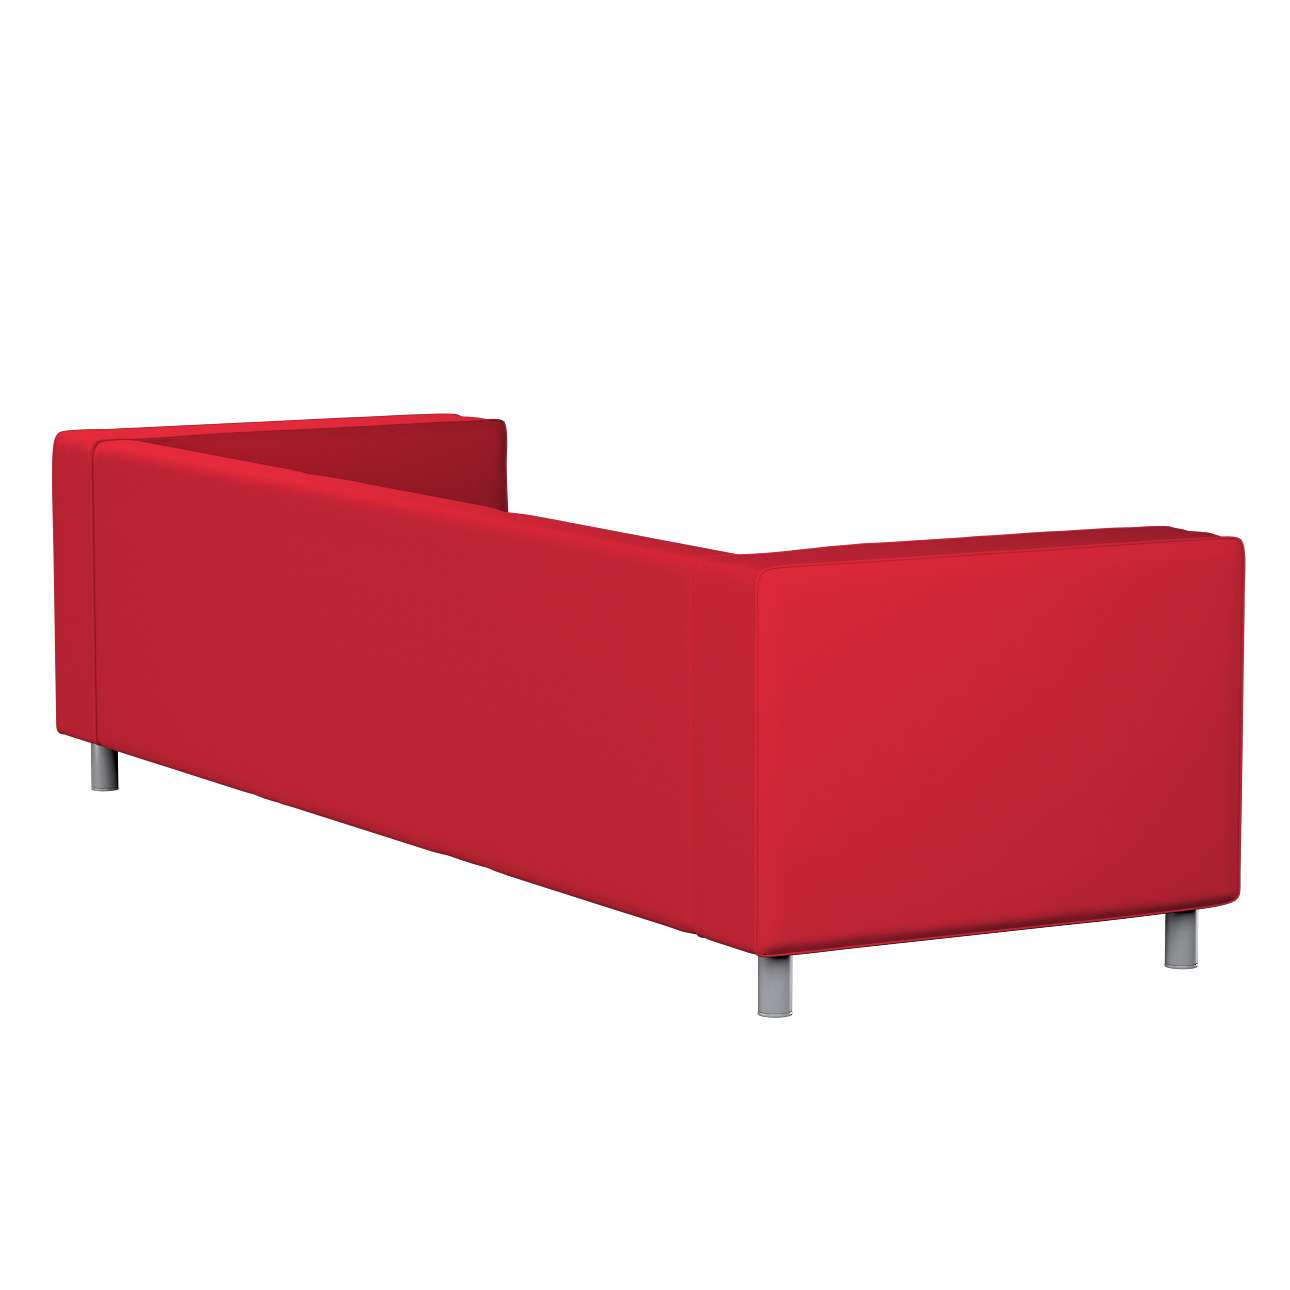 Klippan keturvietės sofos užvalkalas kolekcijoje Cotton Panama, audinys: 702-04